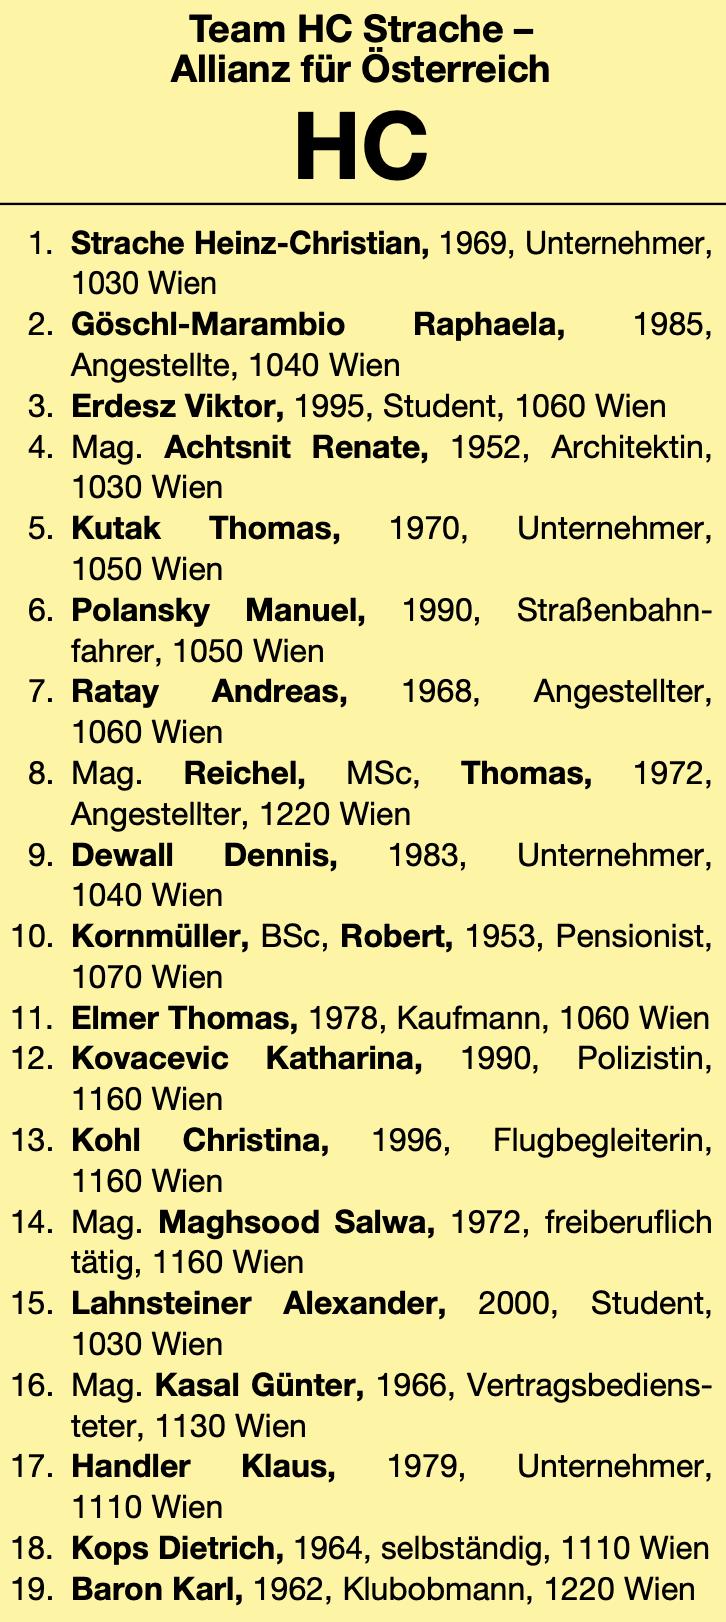 THC Mariahilf: von 19 Kandidat*innen sind nur 3 aus dem Bezirk; Viktor Erdesz auf Platz 3 und Christina Kohl auf Platz 13.